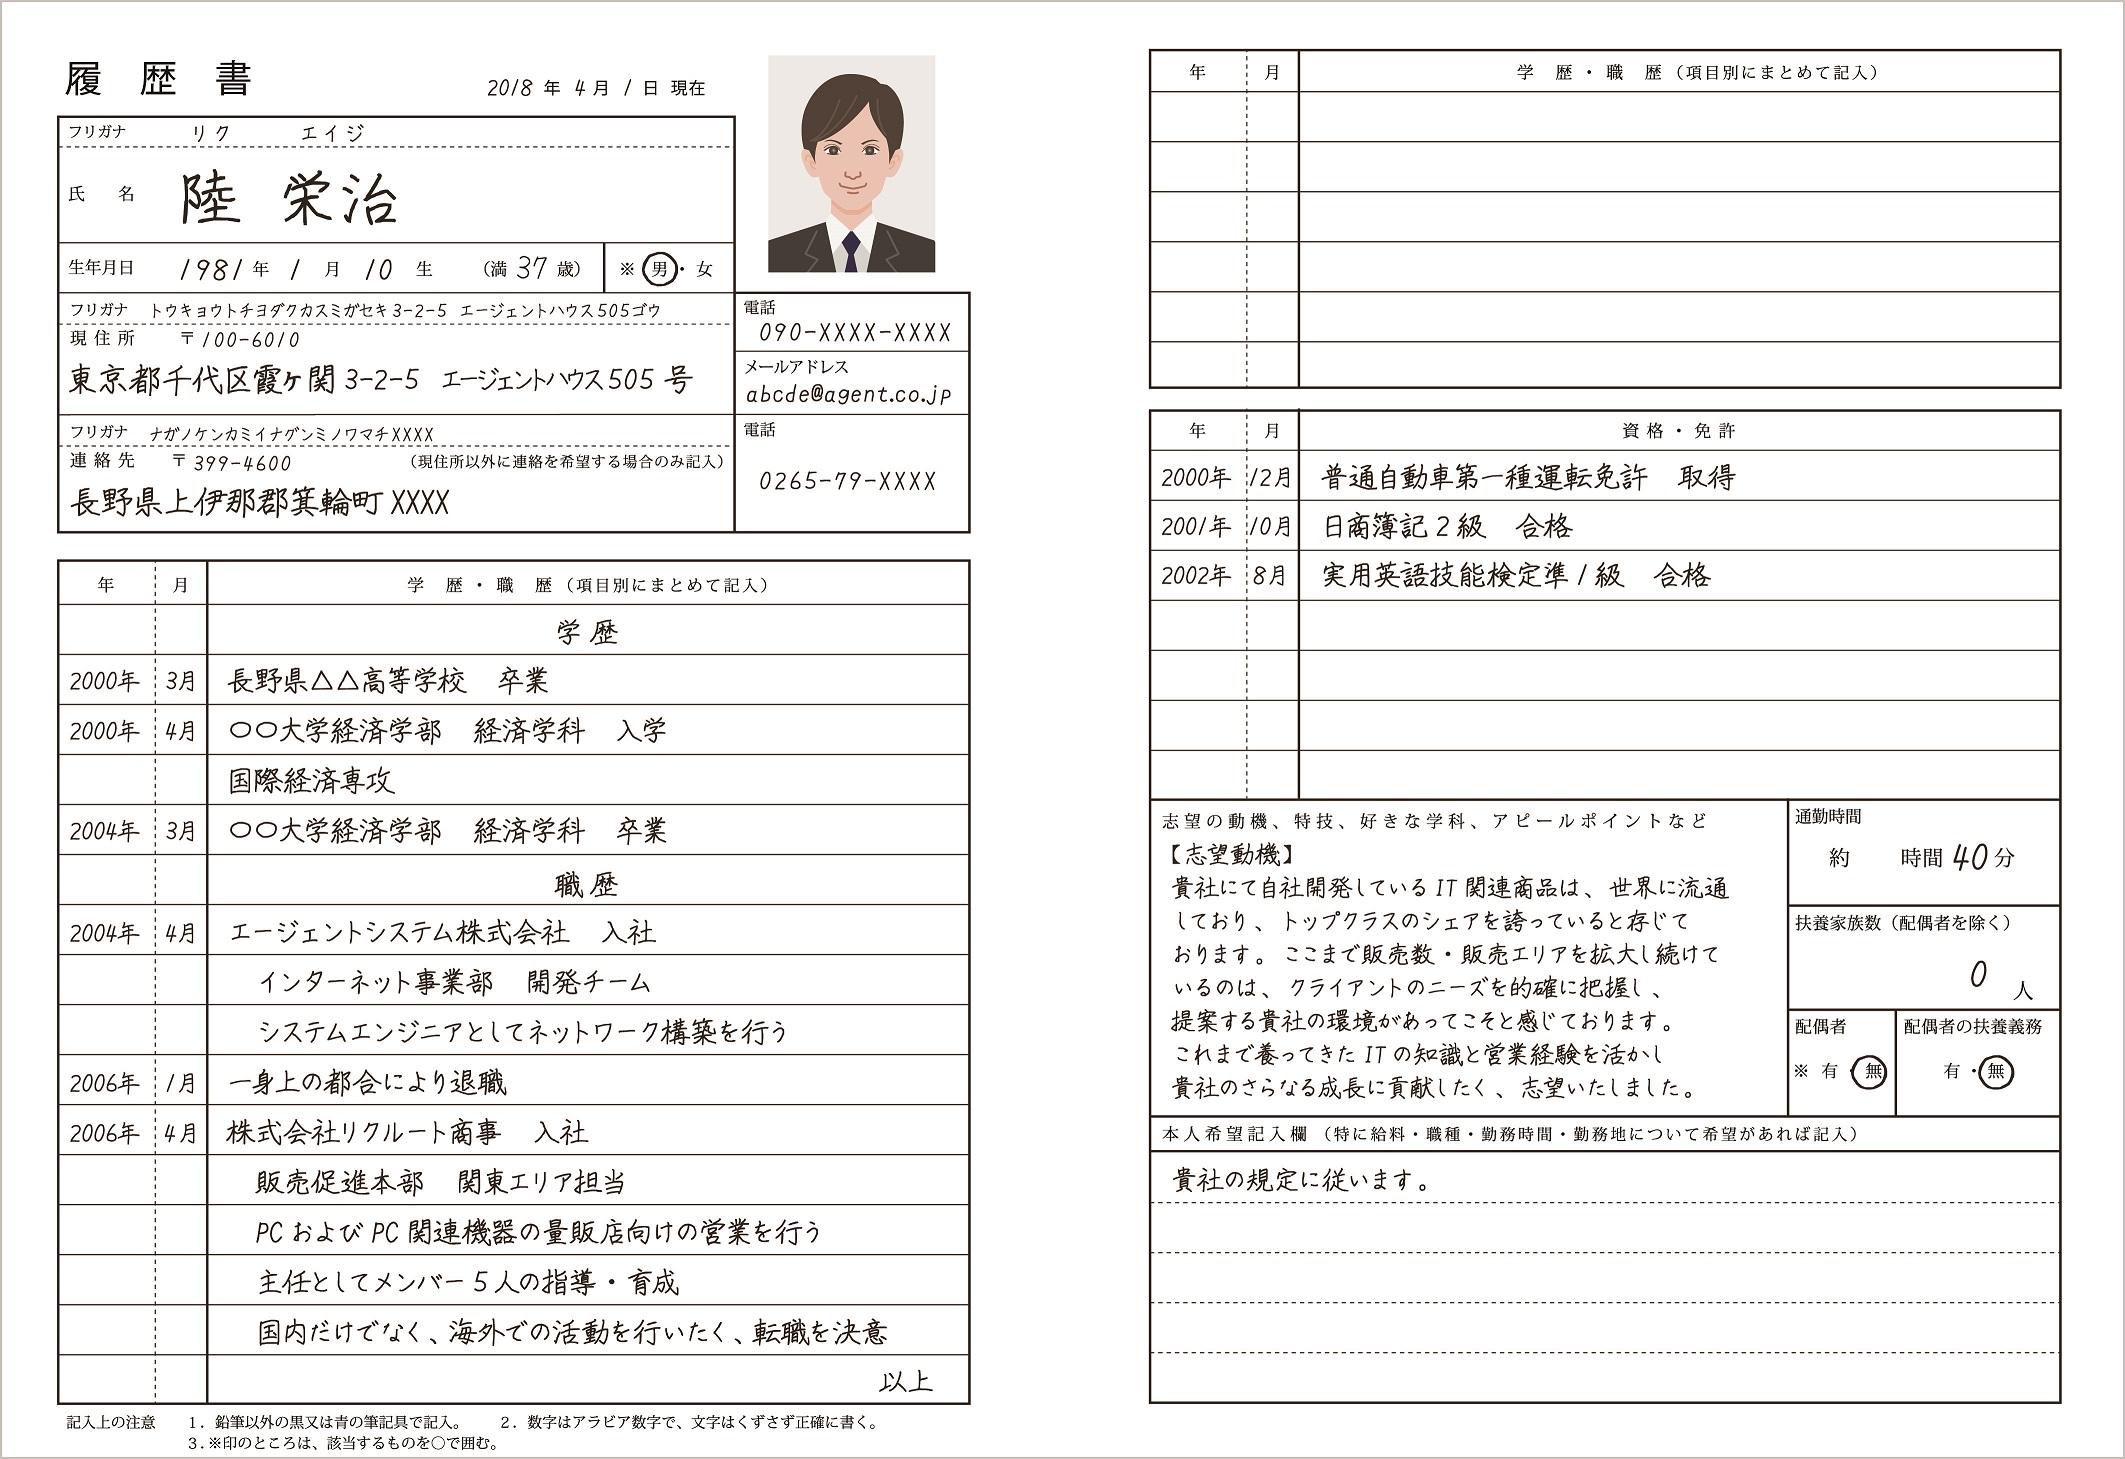 履歴書 テンプレート 職歴 志望動機